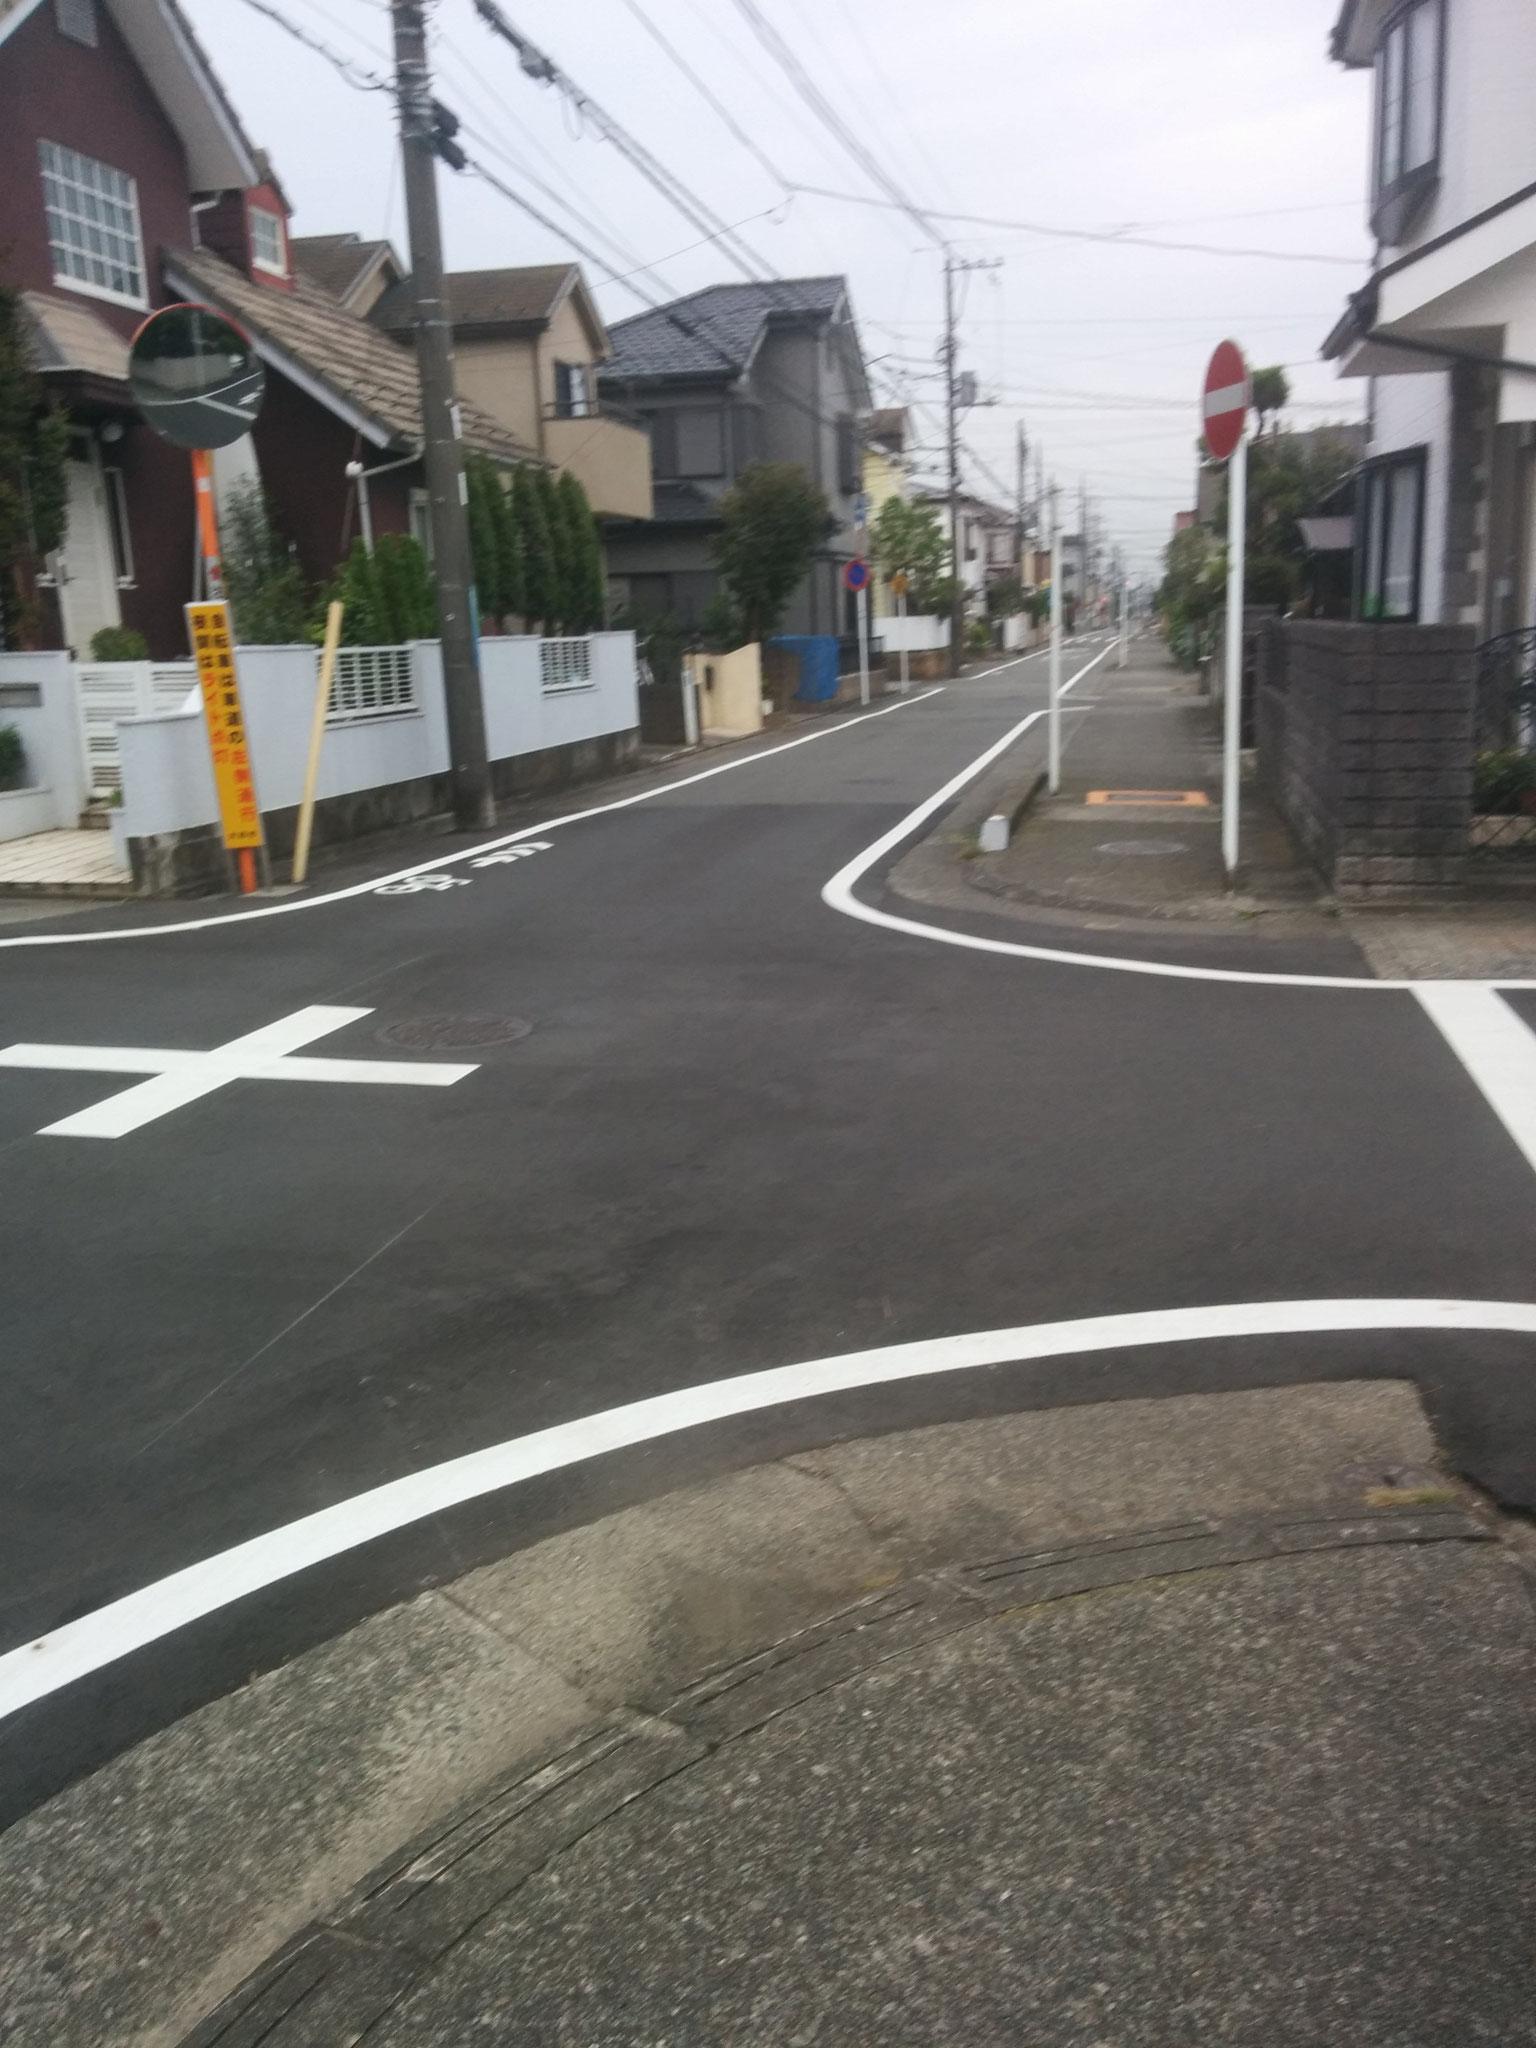 11 street